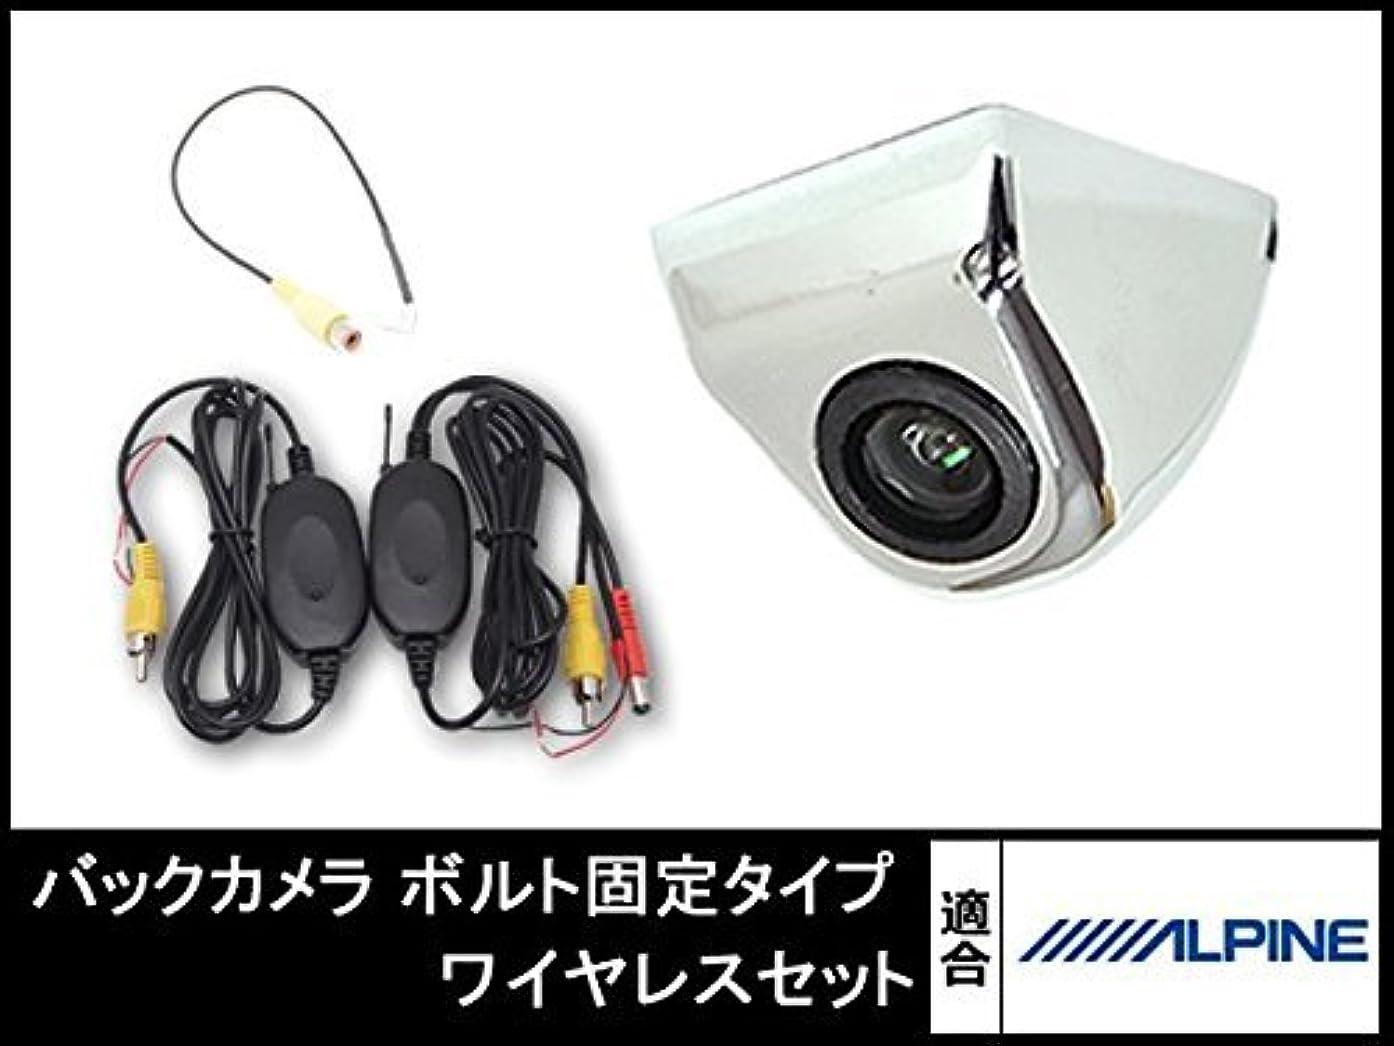 想像する正確星700D 対応 高画質 バックカメラ ボルト固定タイプ シルバー 車載用 広角170° 超高精細 CMOS センサー 【ワイヤレスキット付】